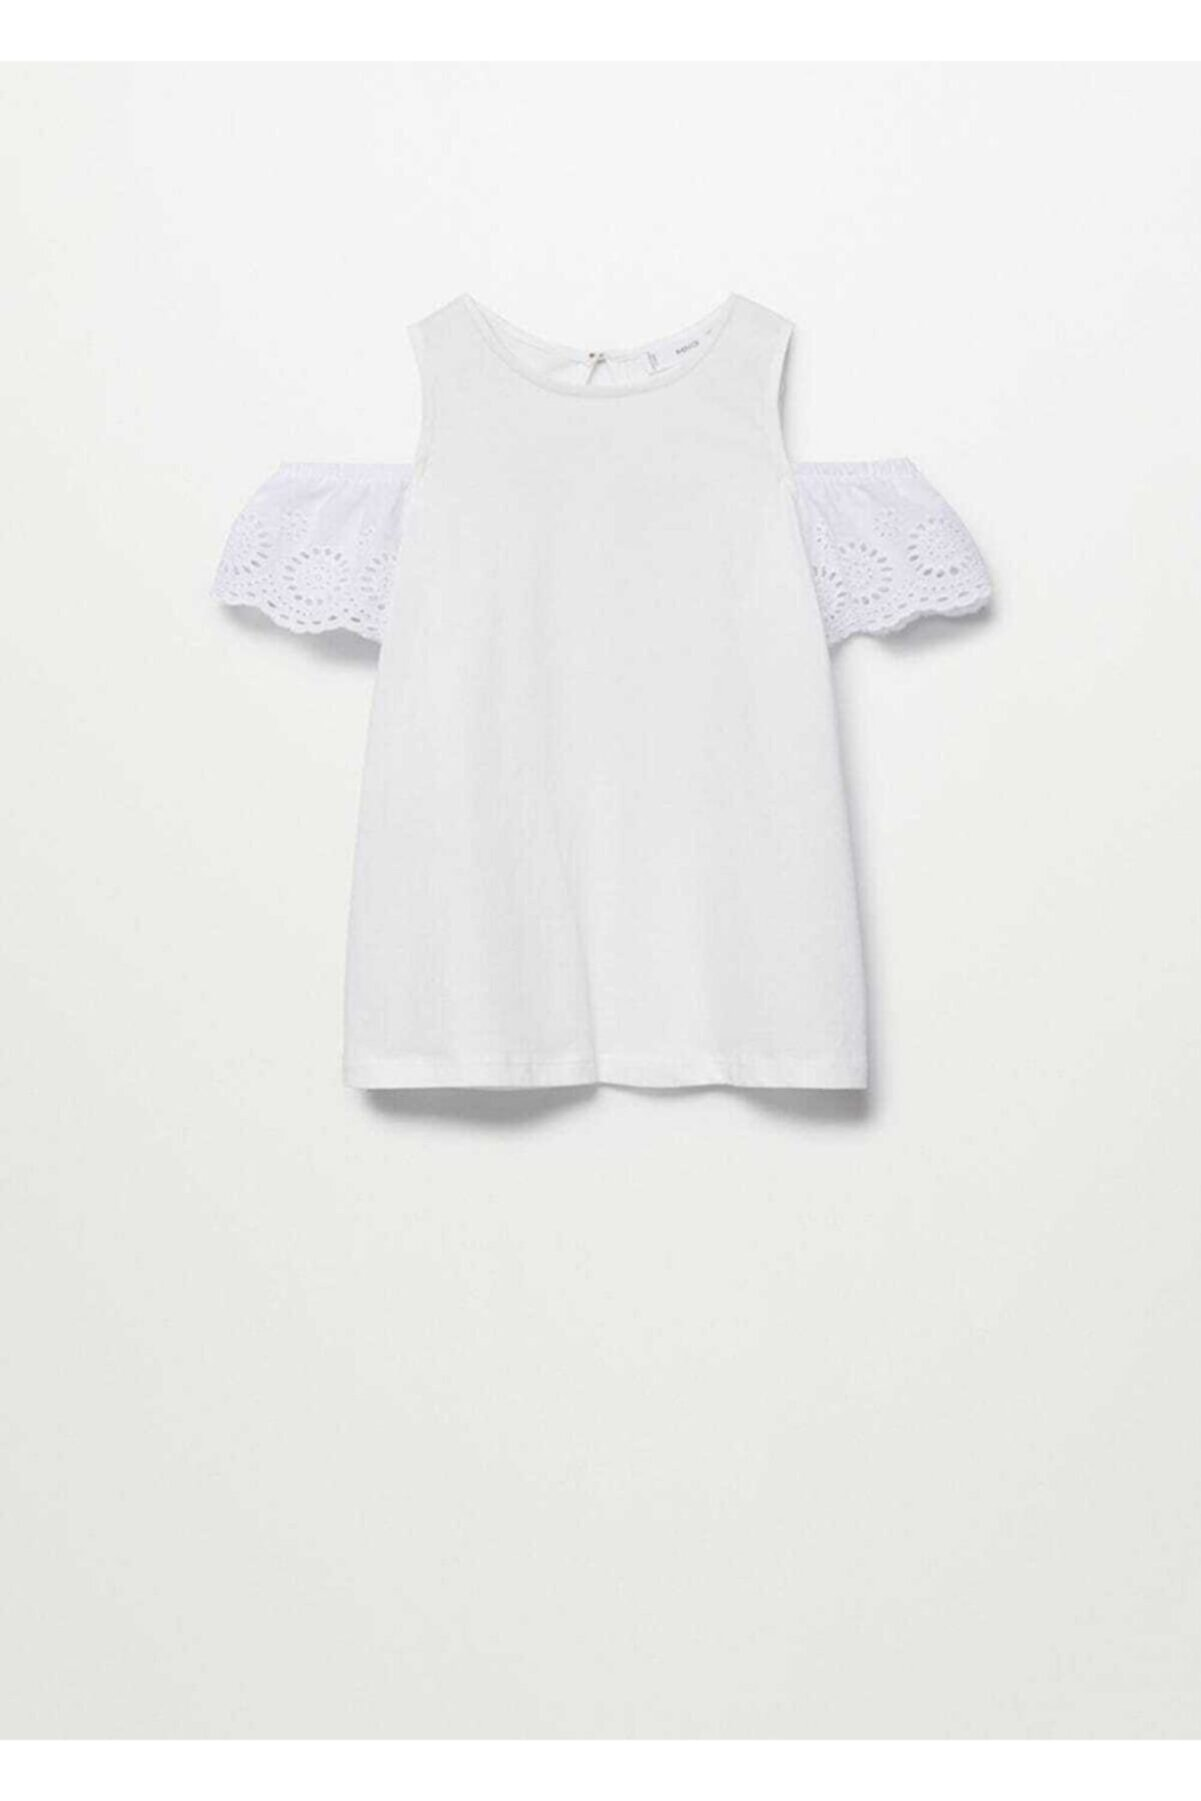 Mango Kız Çocuk Beyaz Omuzları Açık  T-Shirt